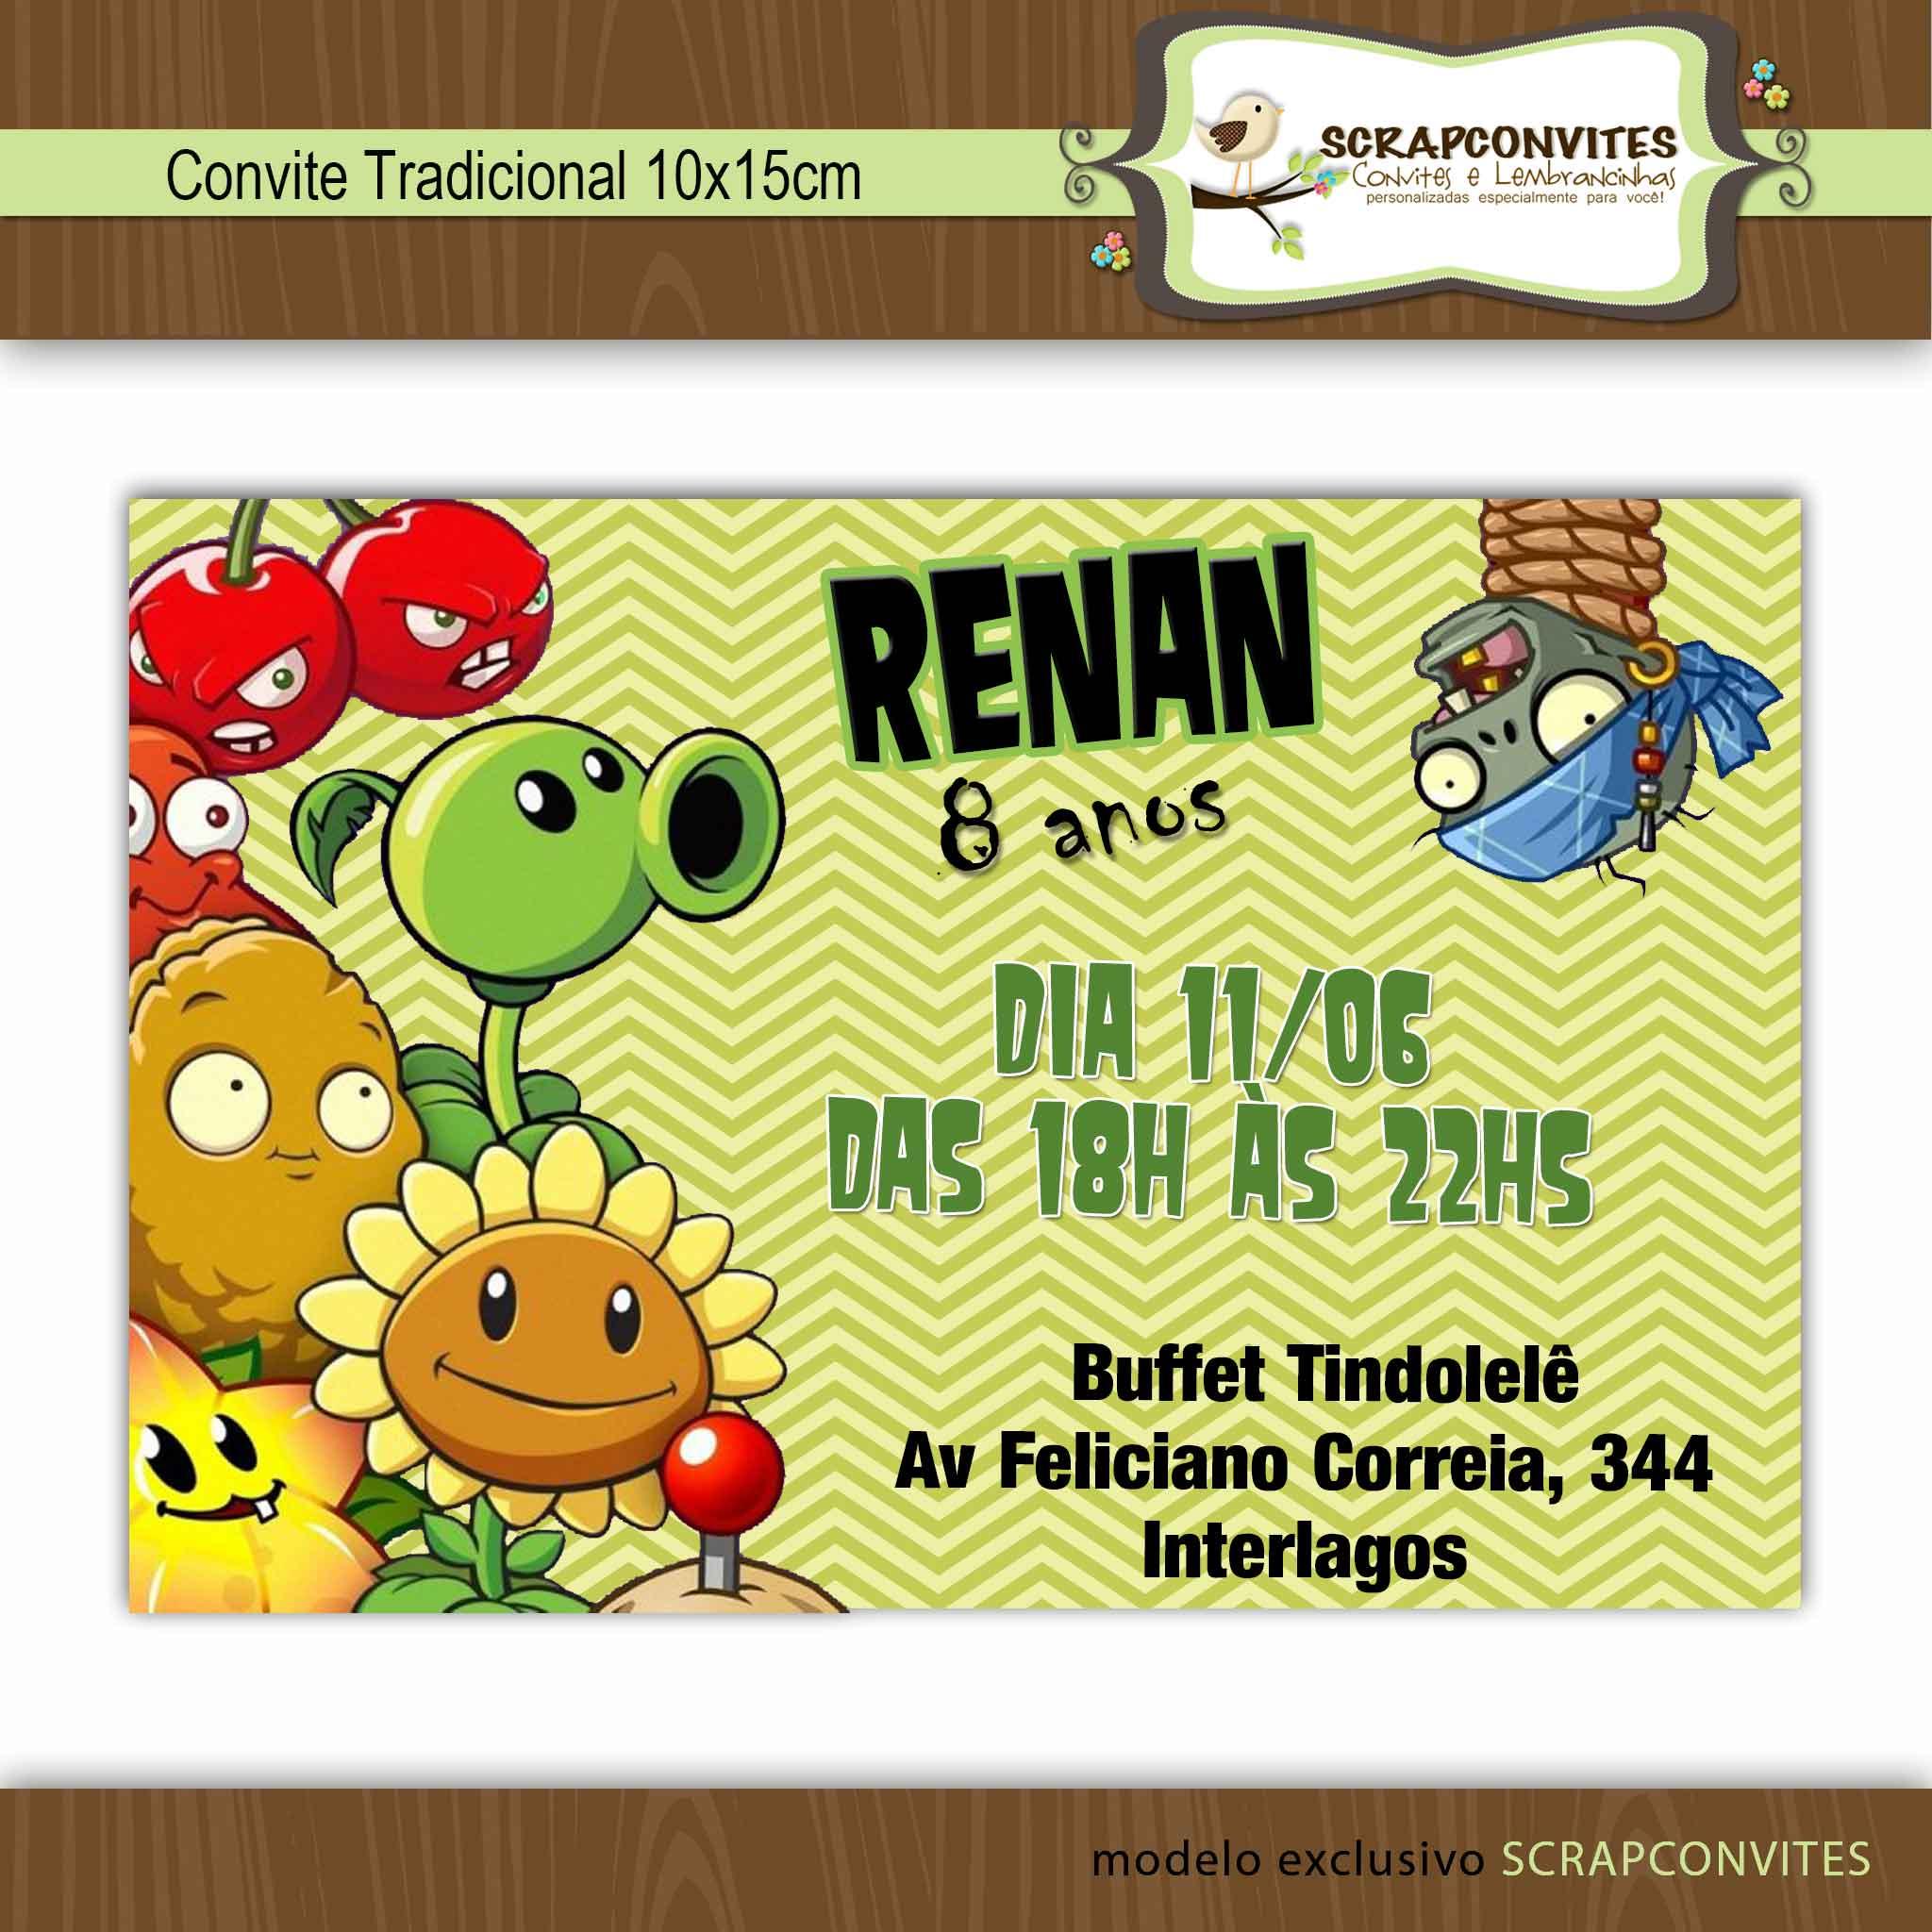 convite plantas vs zumbies no elo7 scrapconvites 38ce85